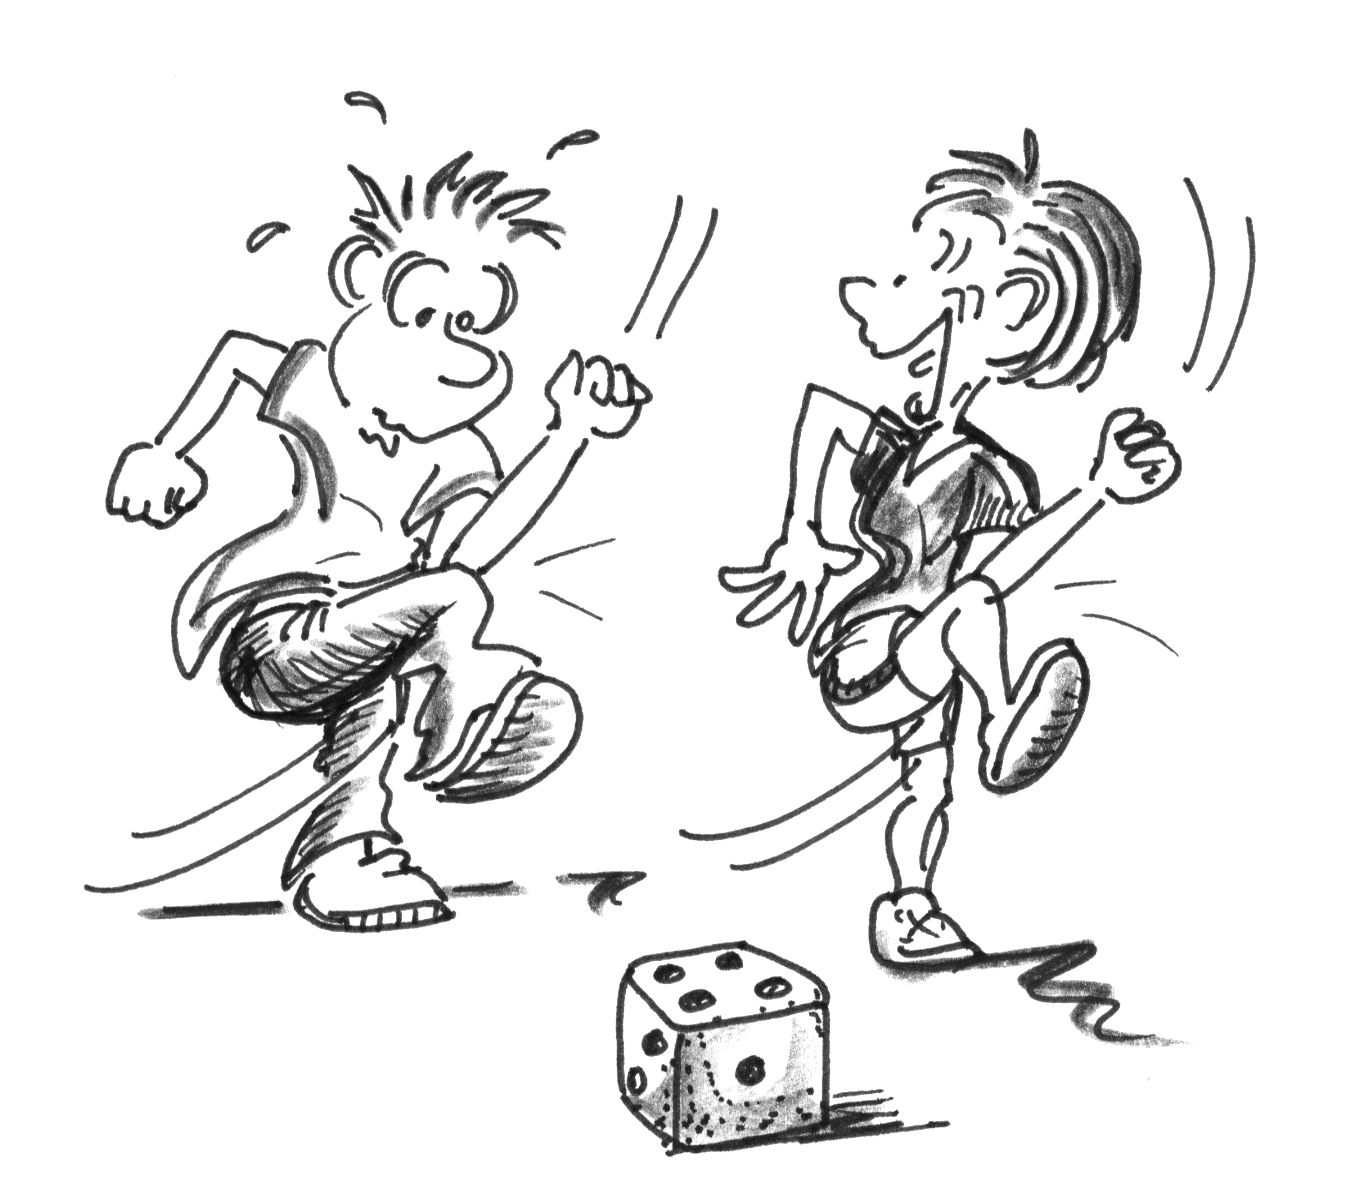 Stuhl comic  Spiele für Ältere 60 + auf dem Stuhl – Hauptteil: Zusatzbewegung ...